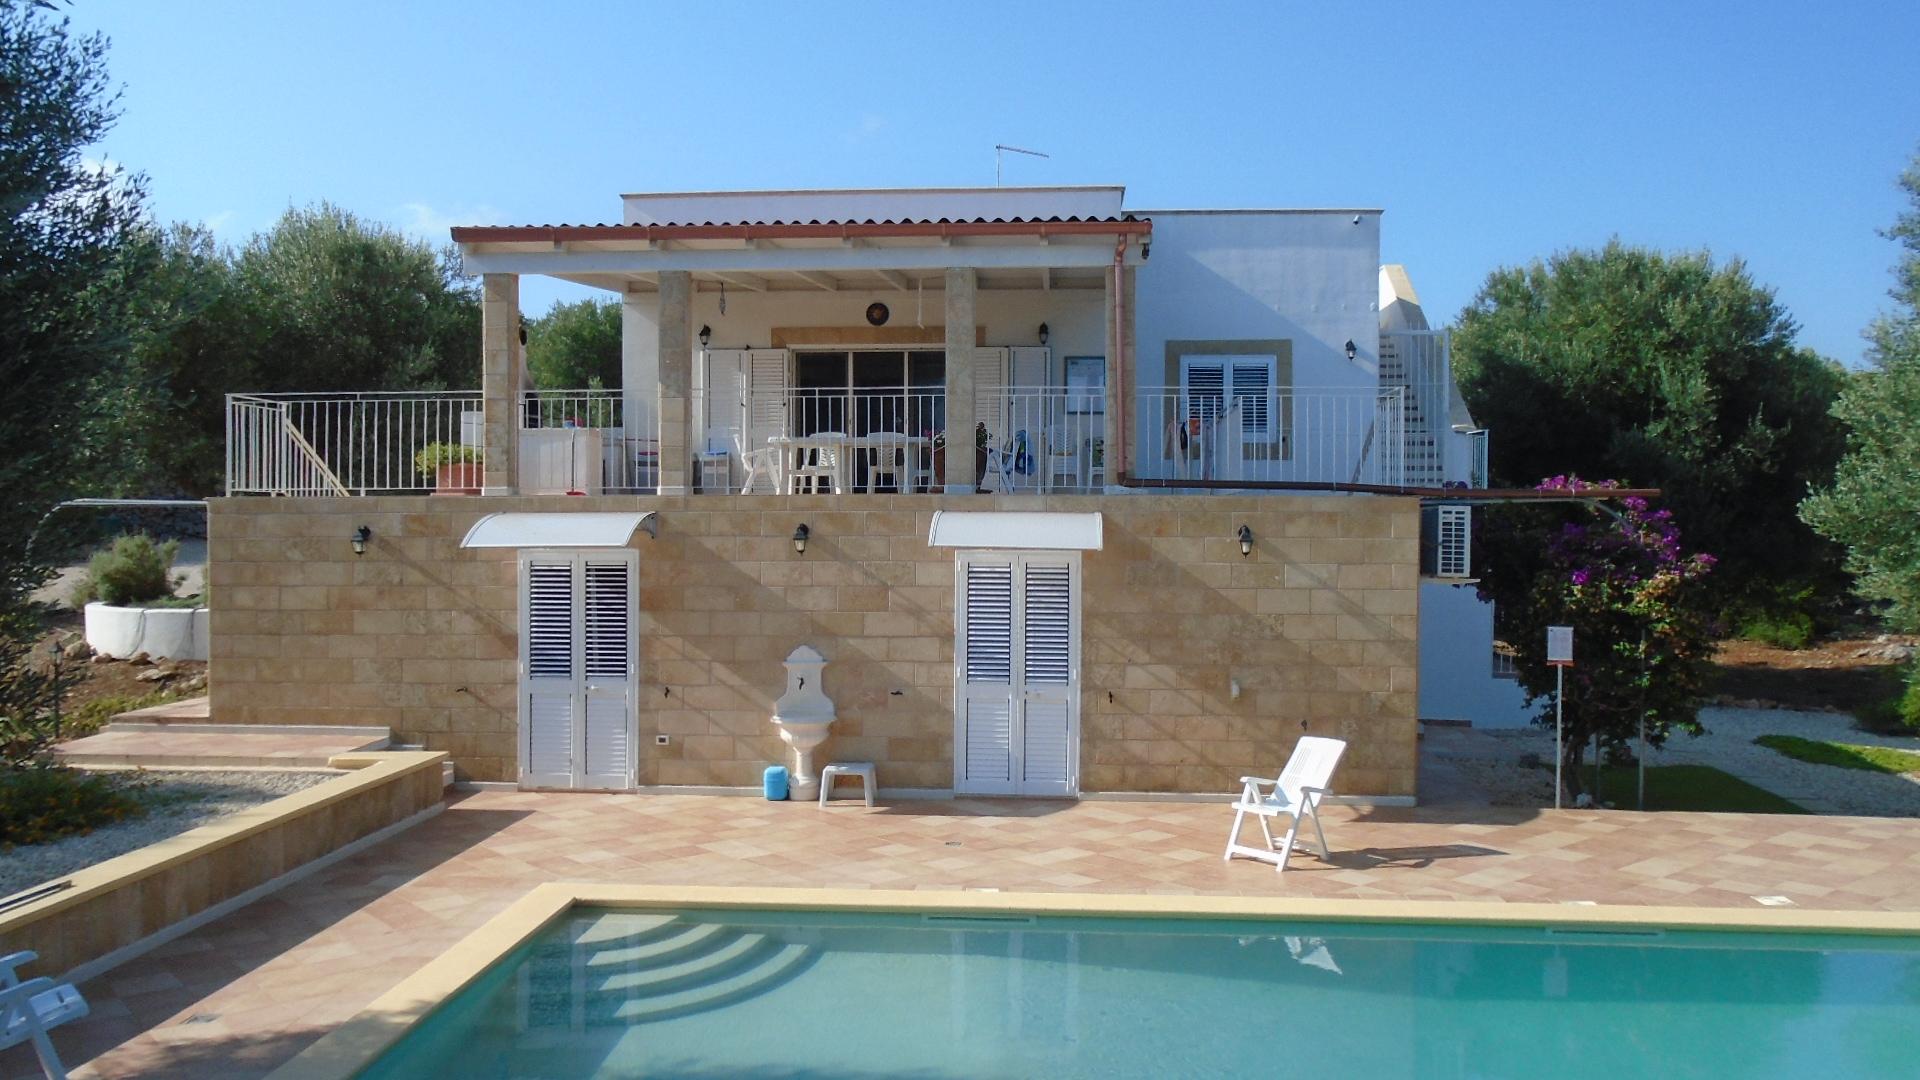 Affitto villa con piscina in puglia zona ostuni prenota for Case affitto